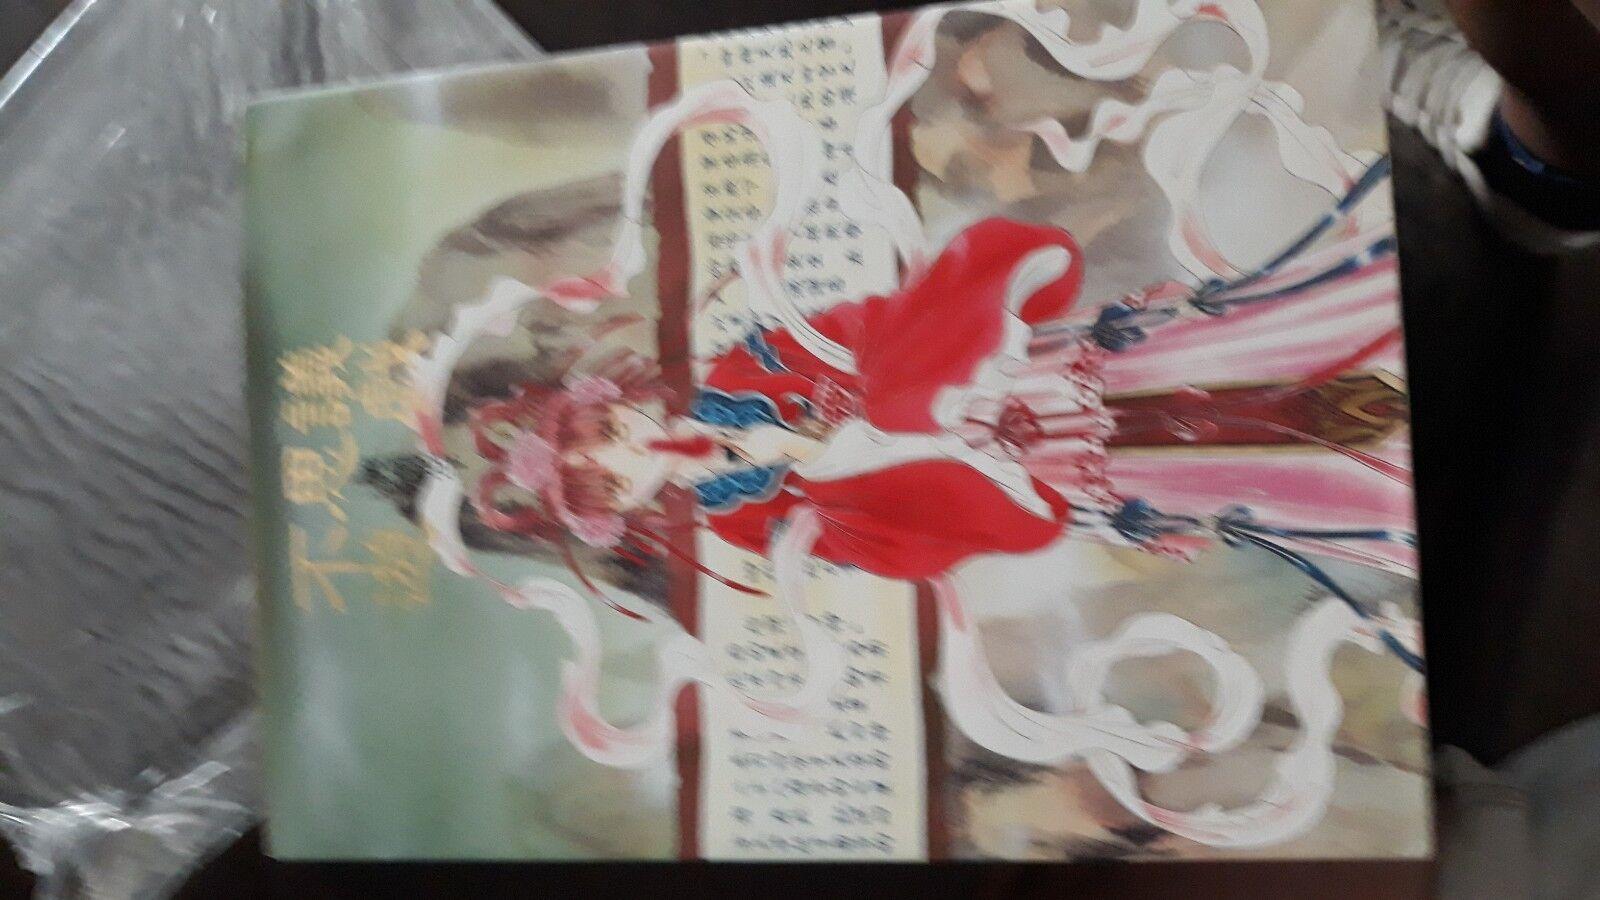 FUSHIGI YUUGI art book shojo anime hentai manga anime YU WATASE